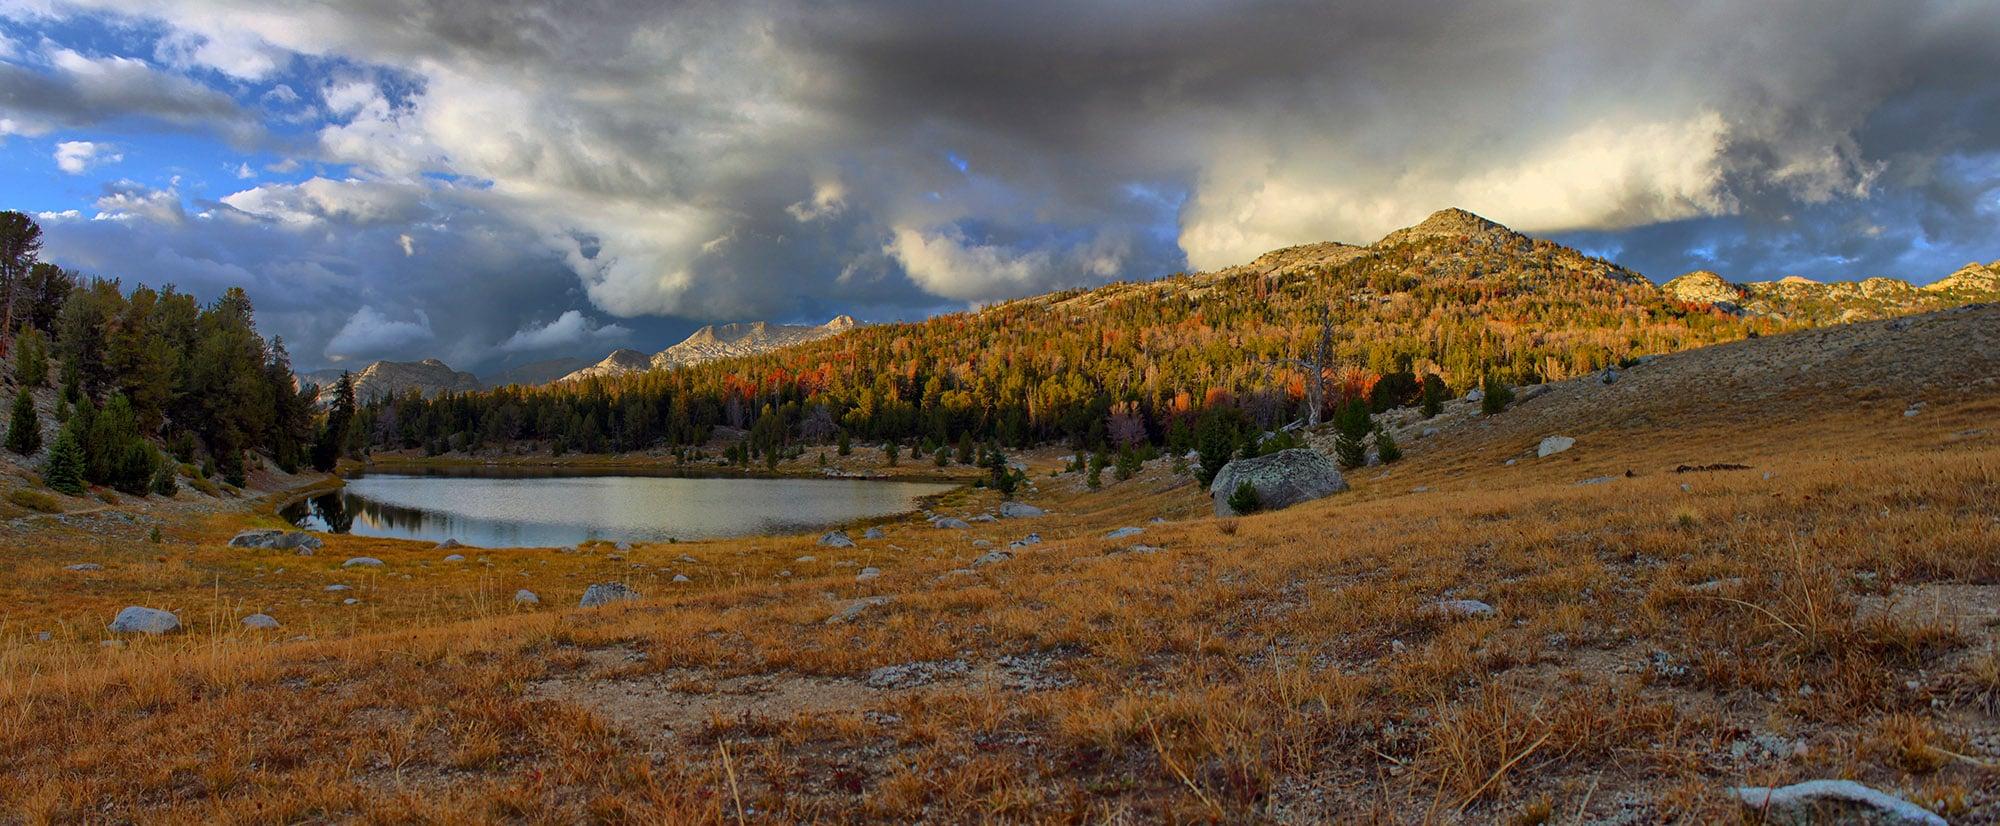 Mirror Lake, Wyoming, in the fall.